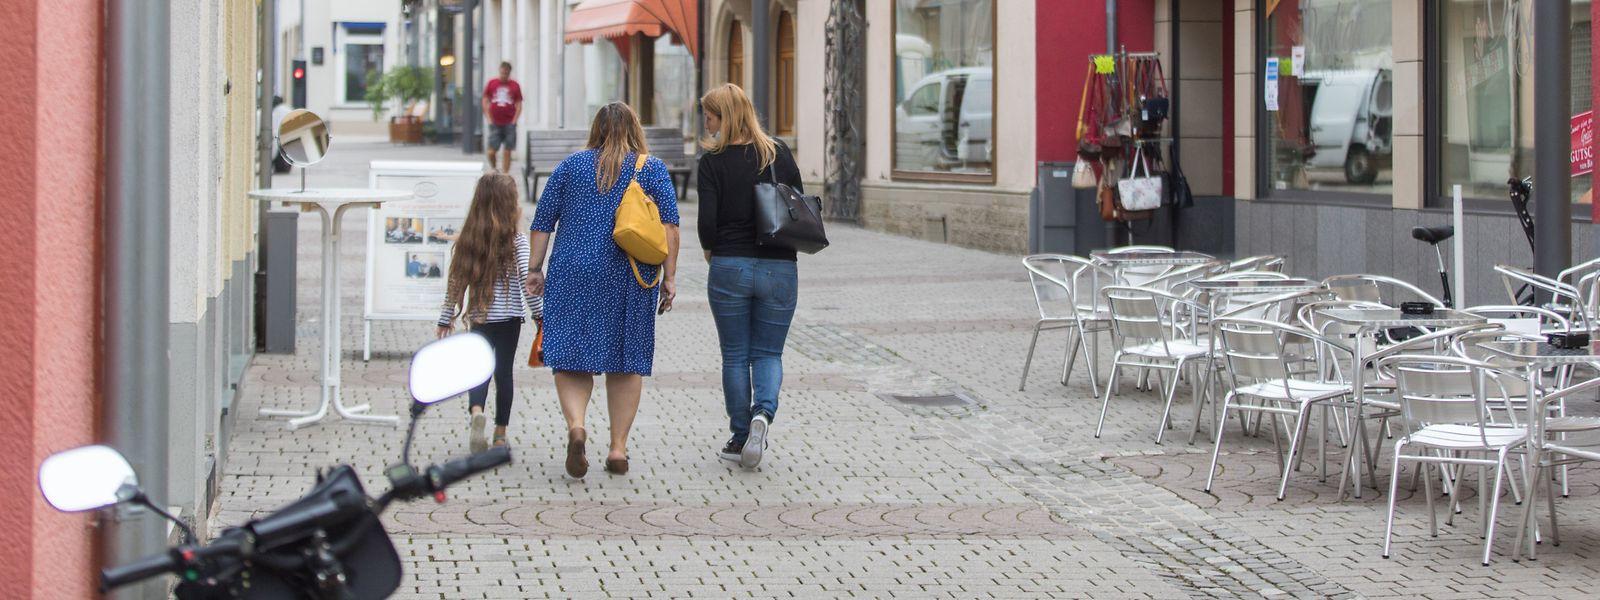 Nach dem Lockdown ist wieder Leben in die Fußgängerzone von Grevenmacher eingekehrt.